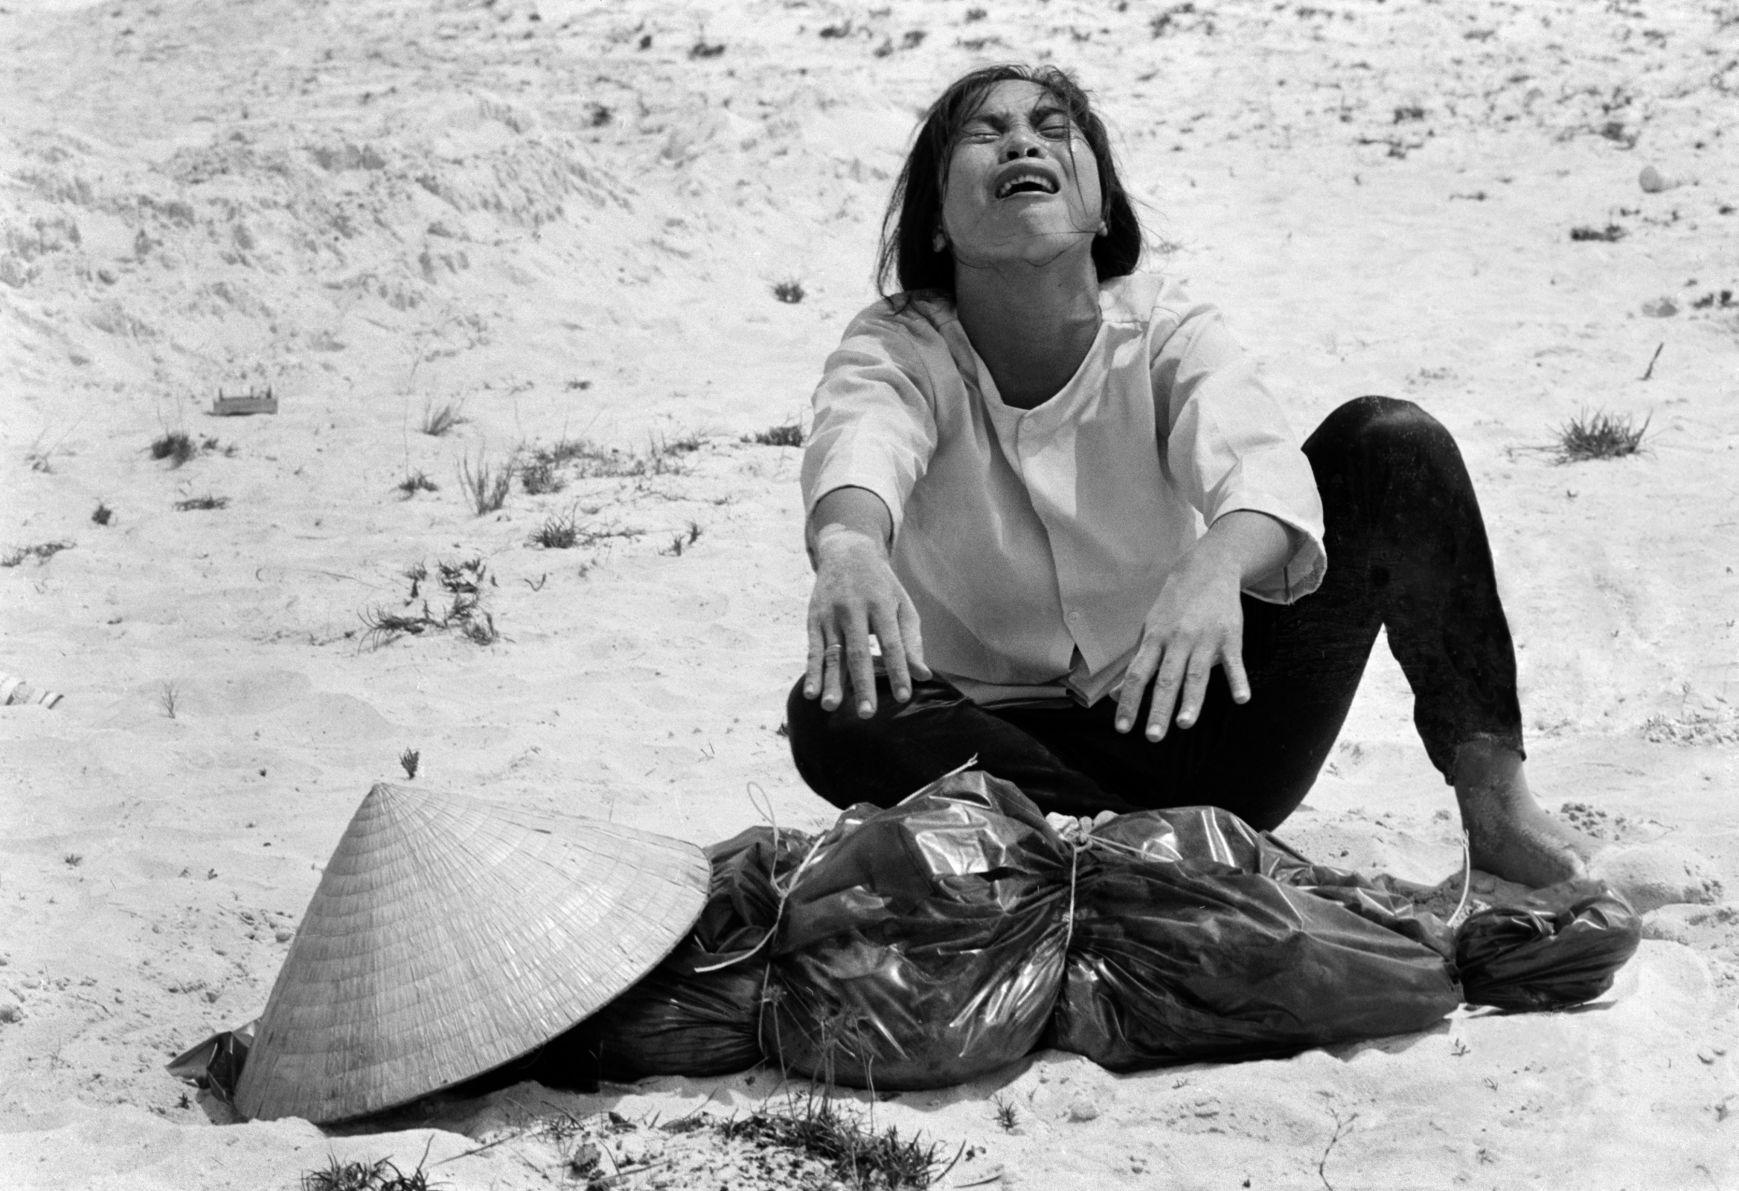 Học giả Mỹ nói về 'cuộc thảm sát dân thường của Việt Cộng' ở Huế 1968